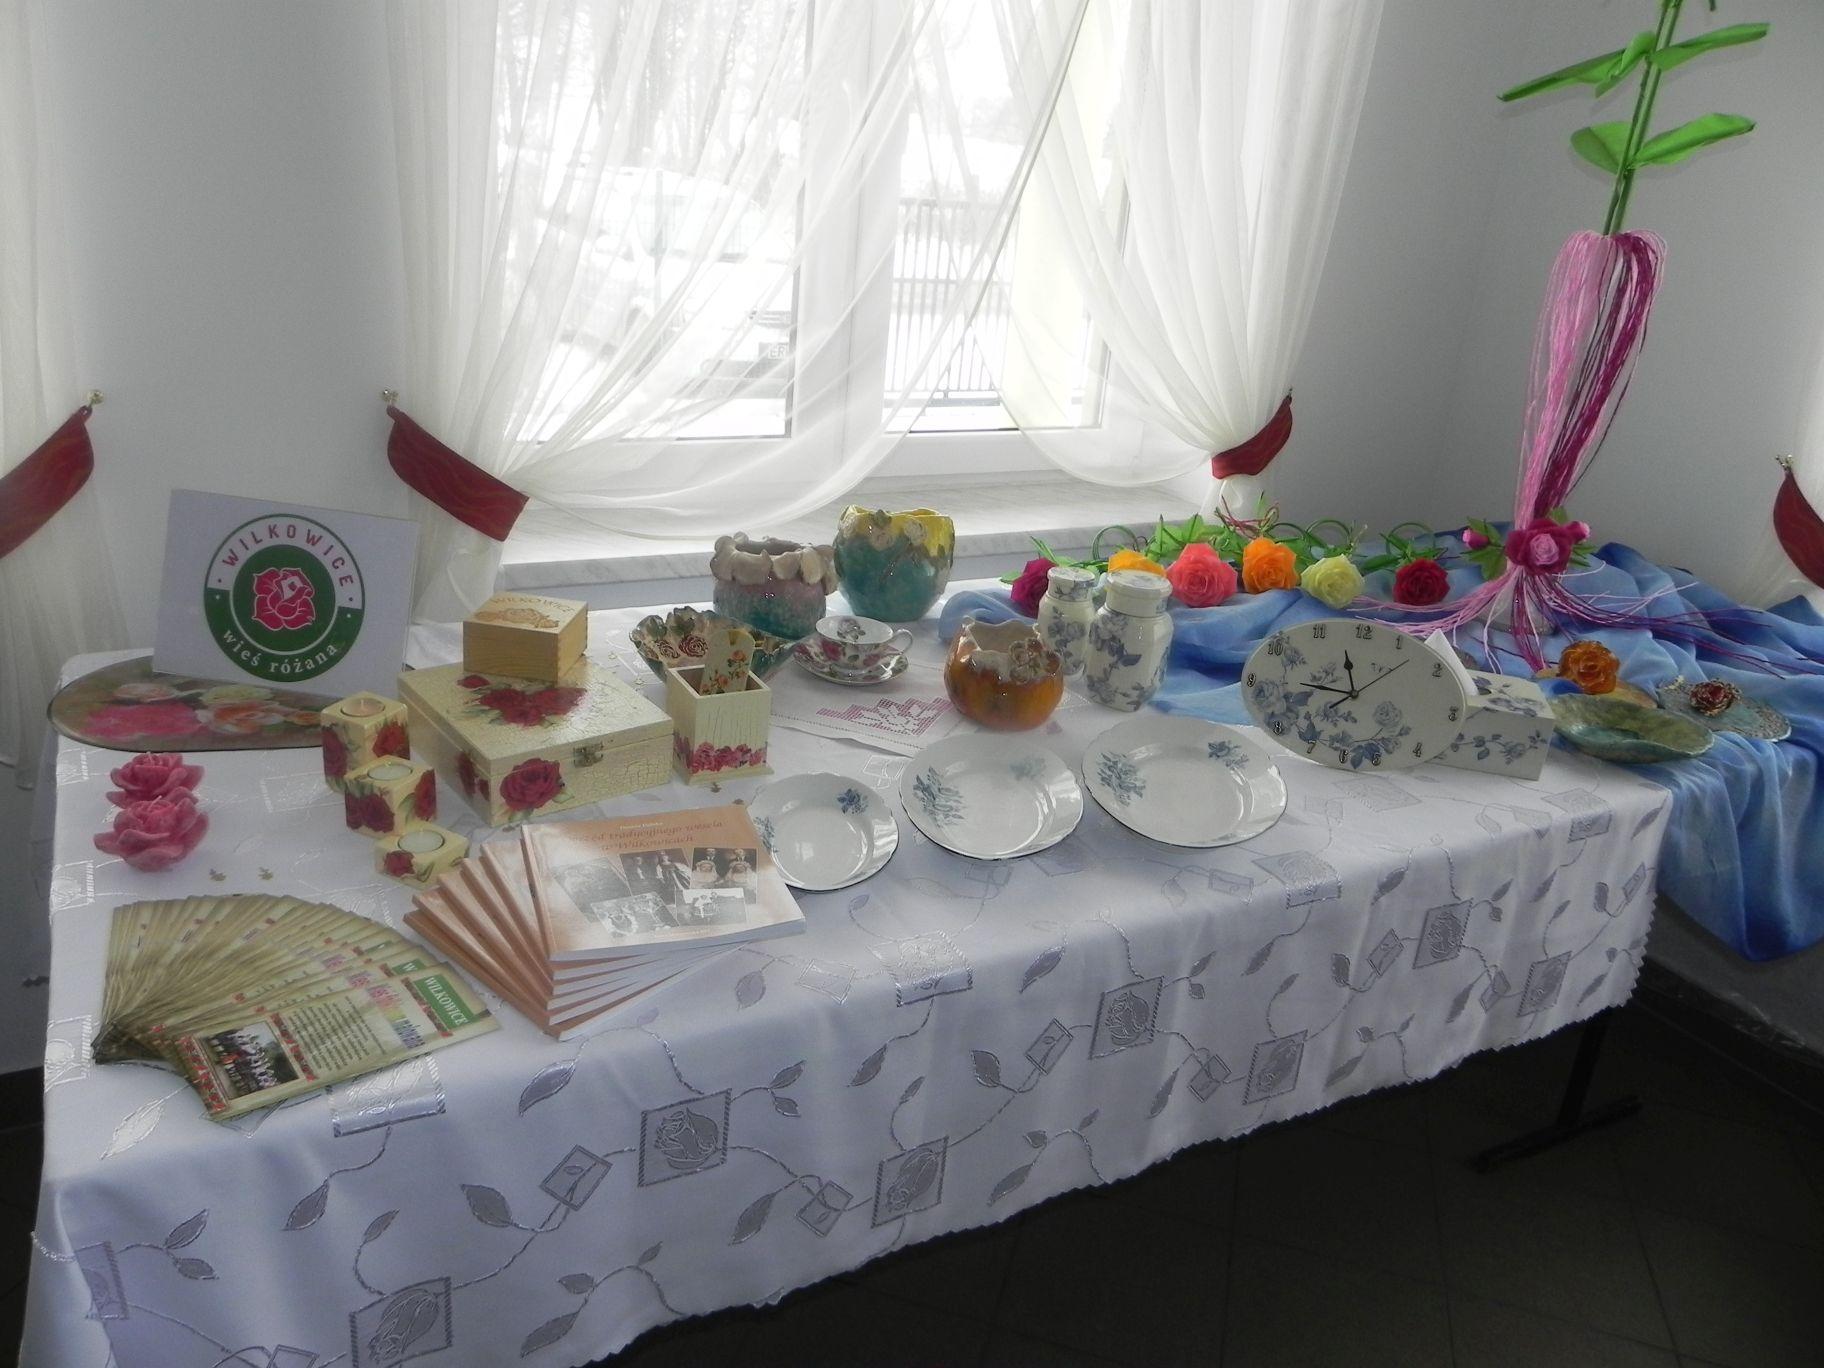 2012-12-14 Wilkowice - Konferencja Wioski tematyczne (12)